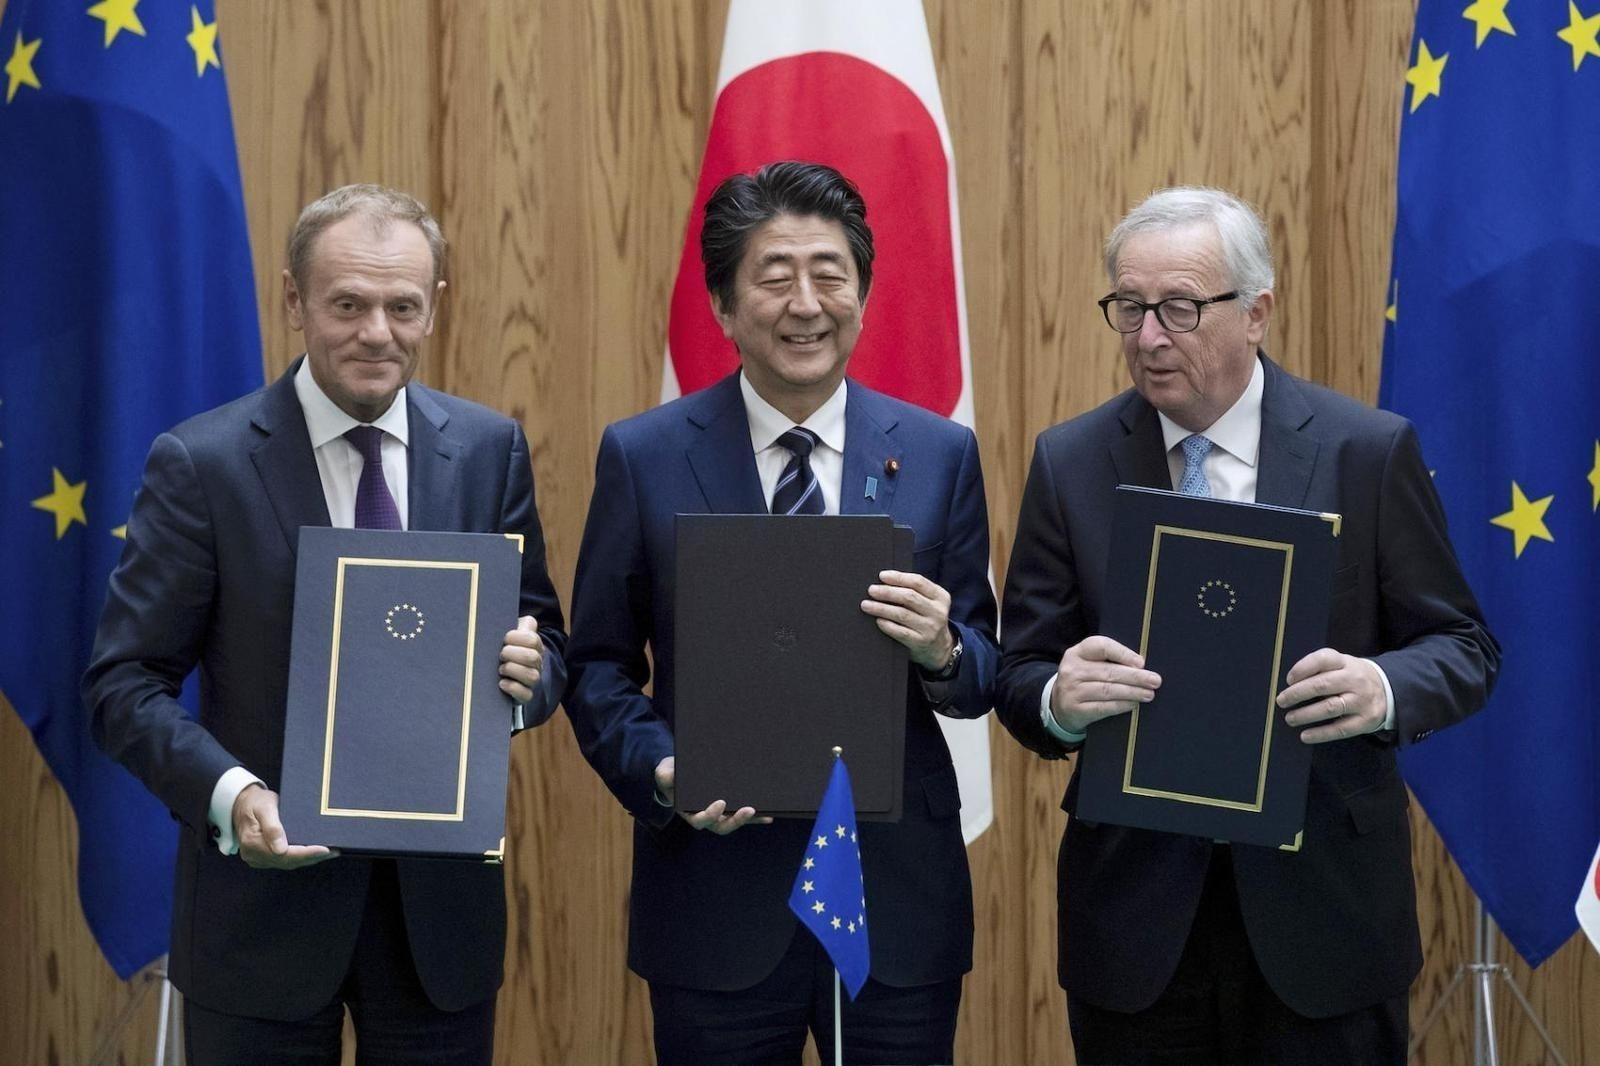 Япон, Европын Холбоо худалдааны томоохон гэрээ байгуулж, импортын татварыг бараг тэглэлээ